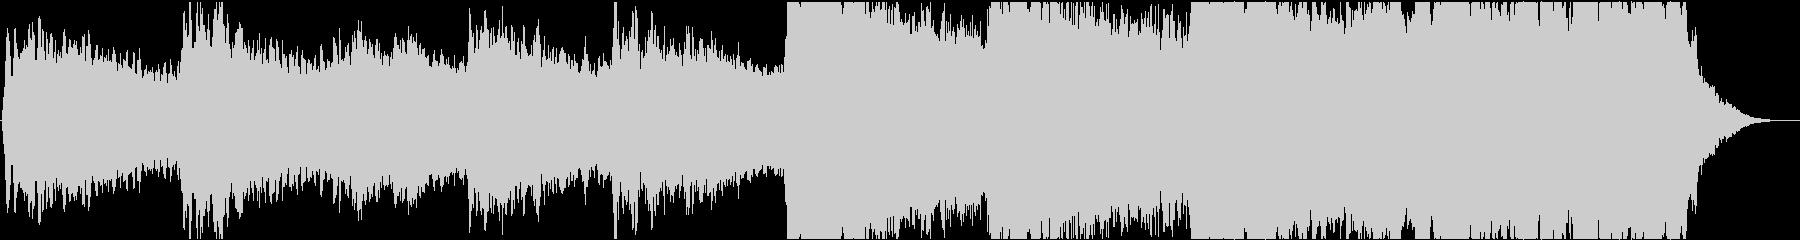 動画8 宇宙16bit48kHzVerの未再生の波形